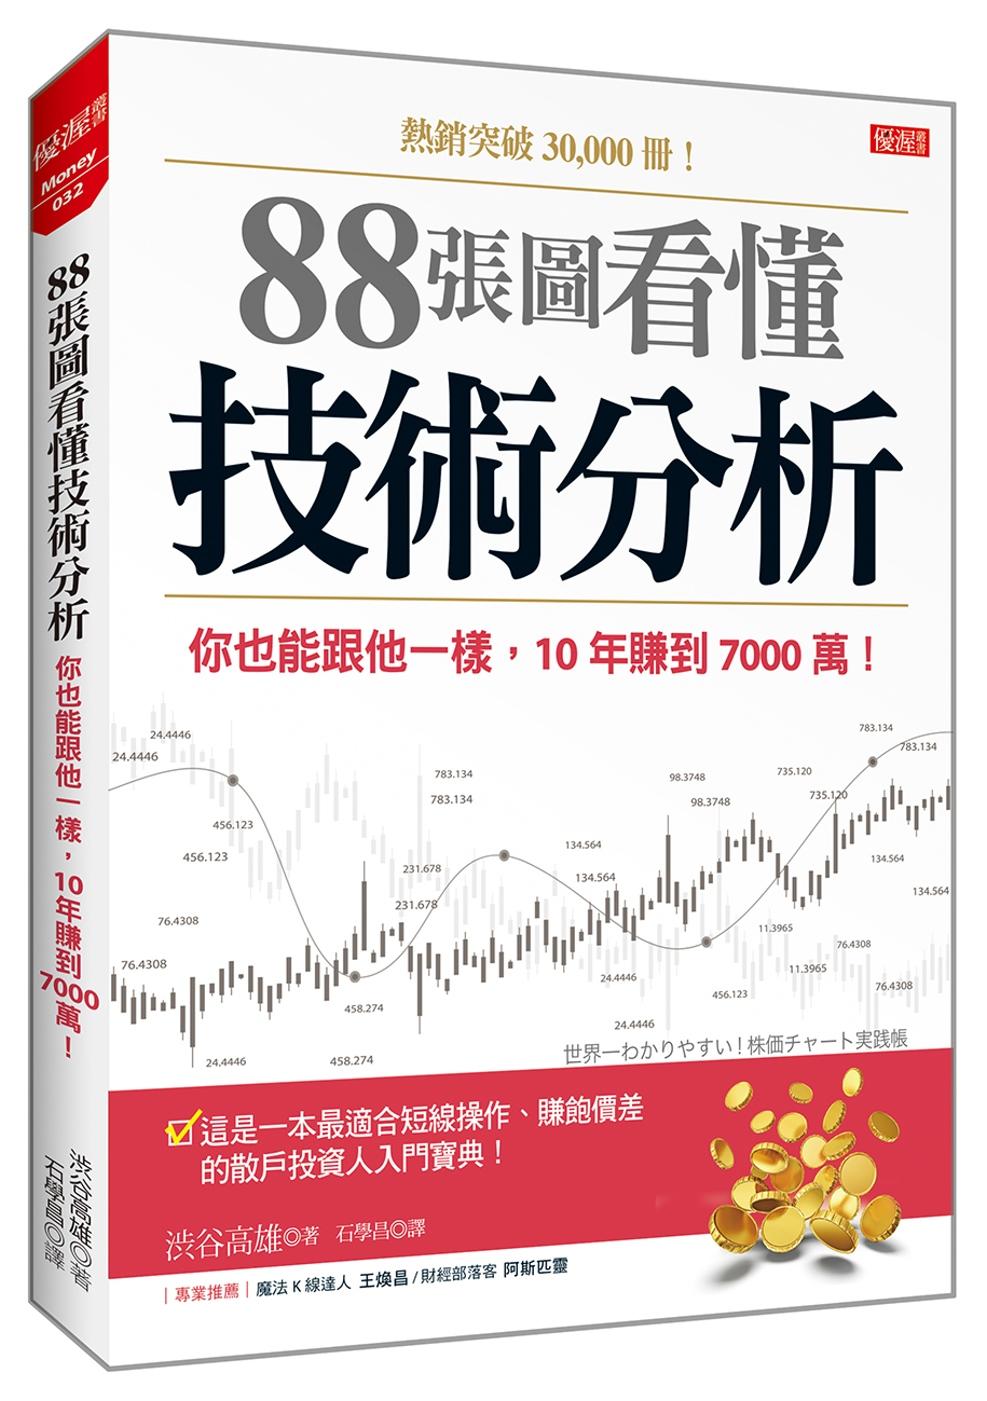 88張圖看懂 技術分析:你也能跟他一樣,10年賺到7000萬!